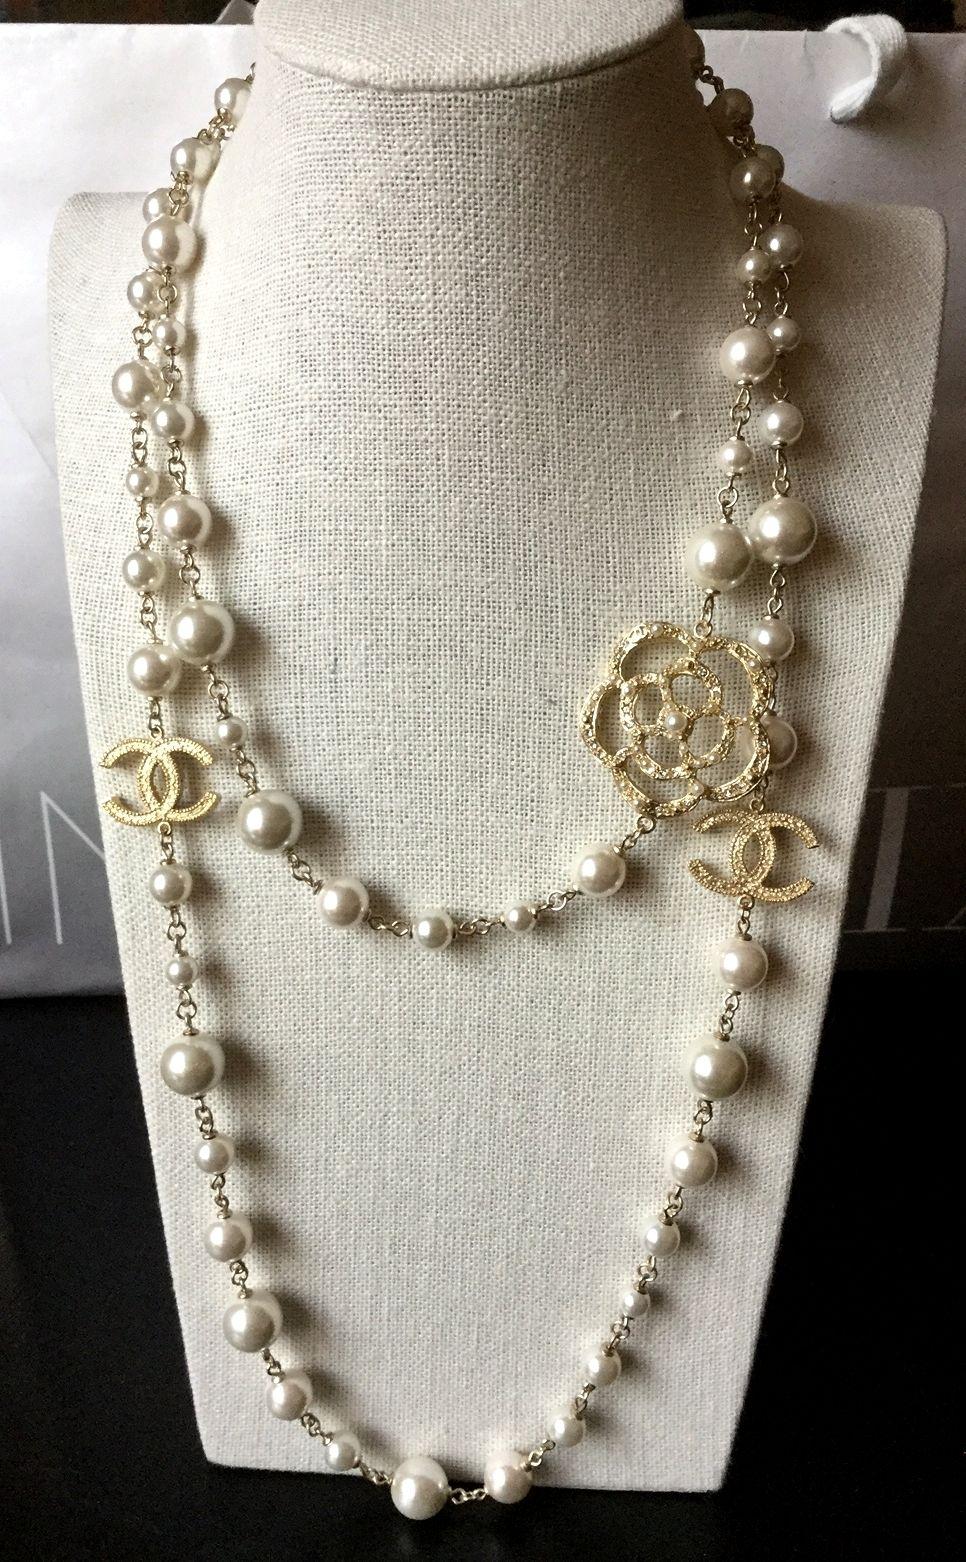 ba79affd43e73 RARE new #CHANEL Classic Camellia Pearl Necklace Gold Metal Chain CC ...